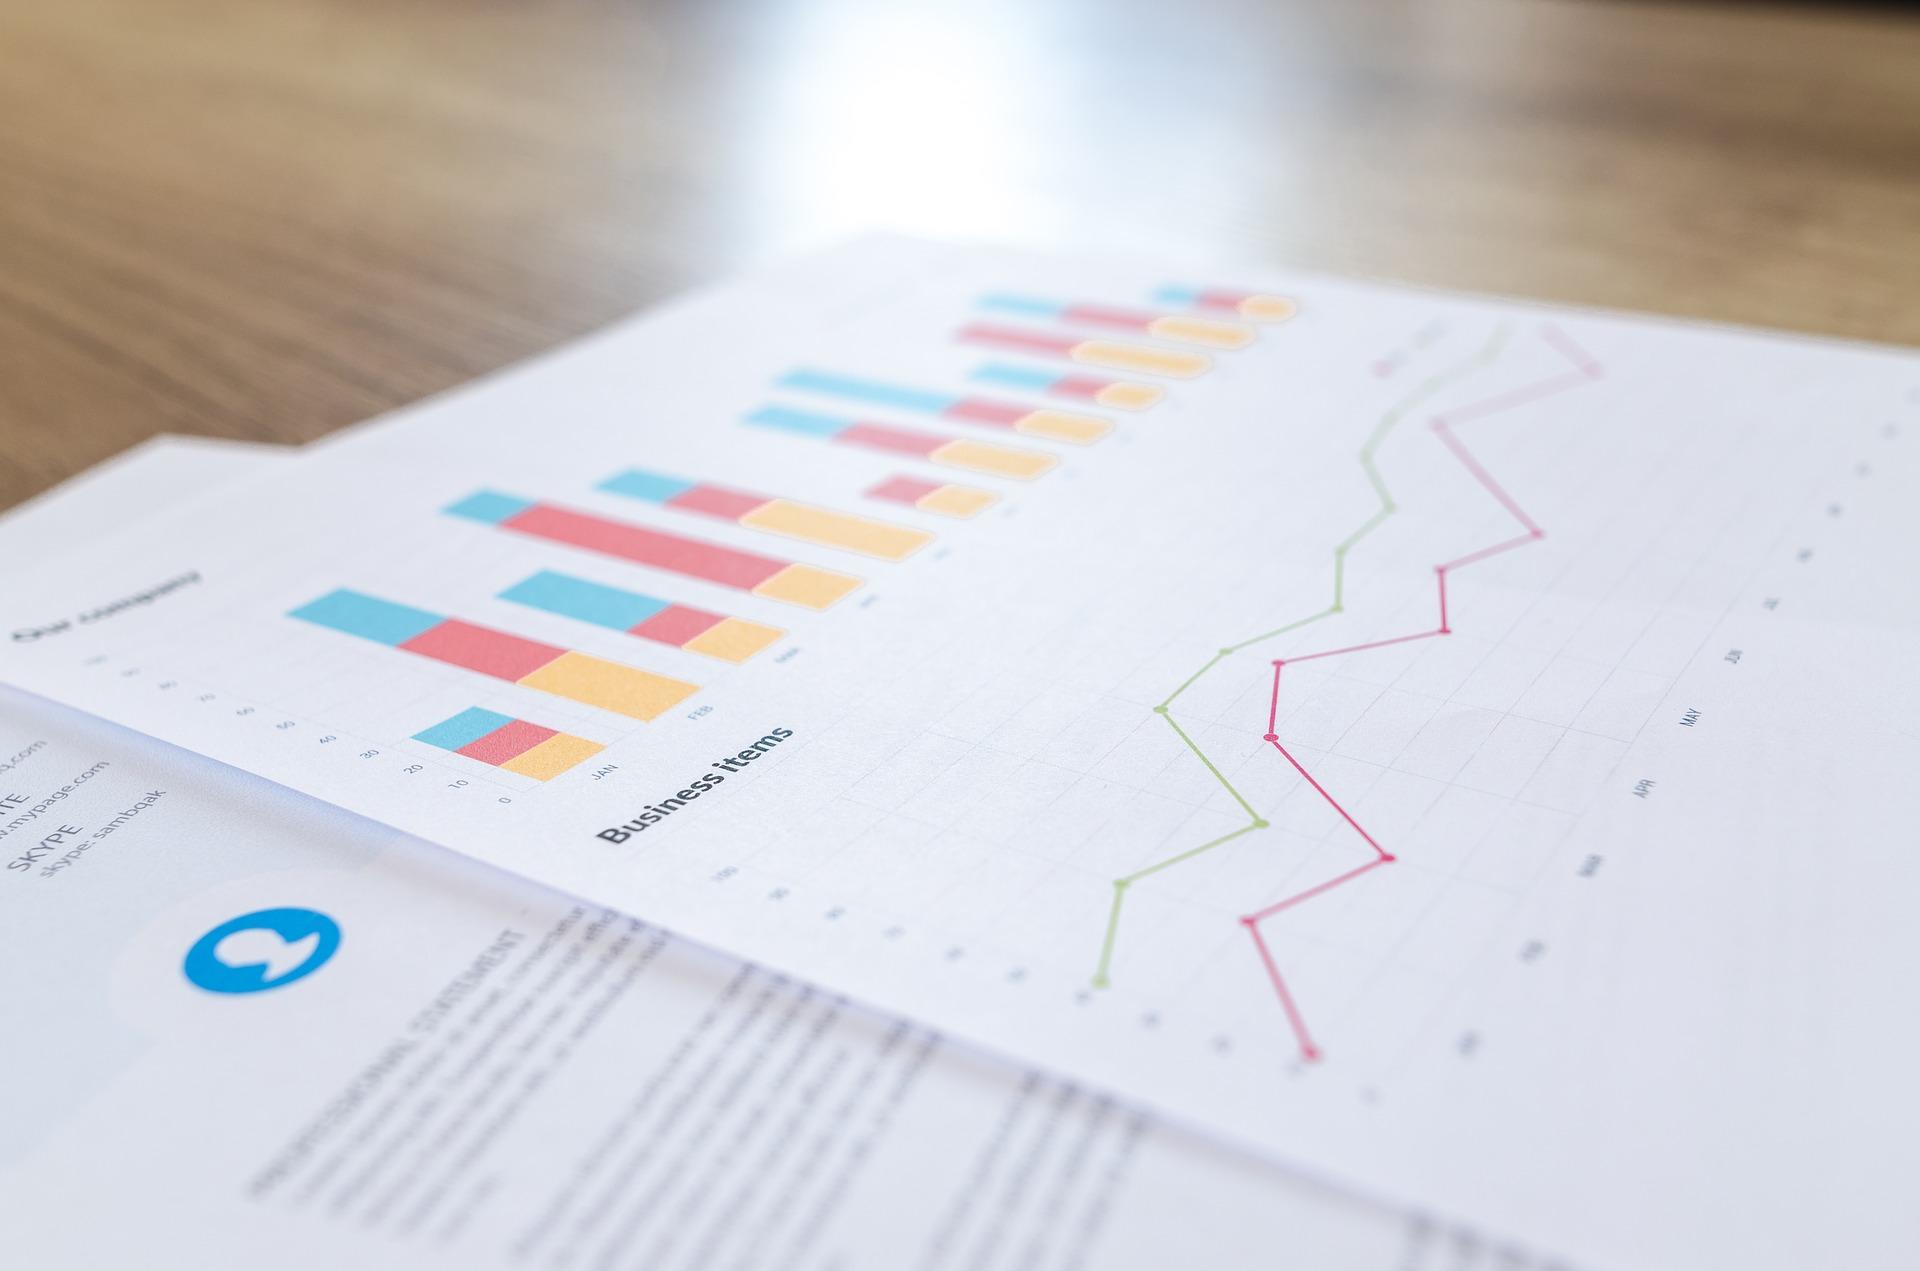 כיצד יועץ עסקי יכול לעזור להצלחת העסק שלך?